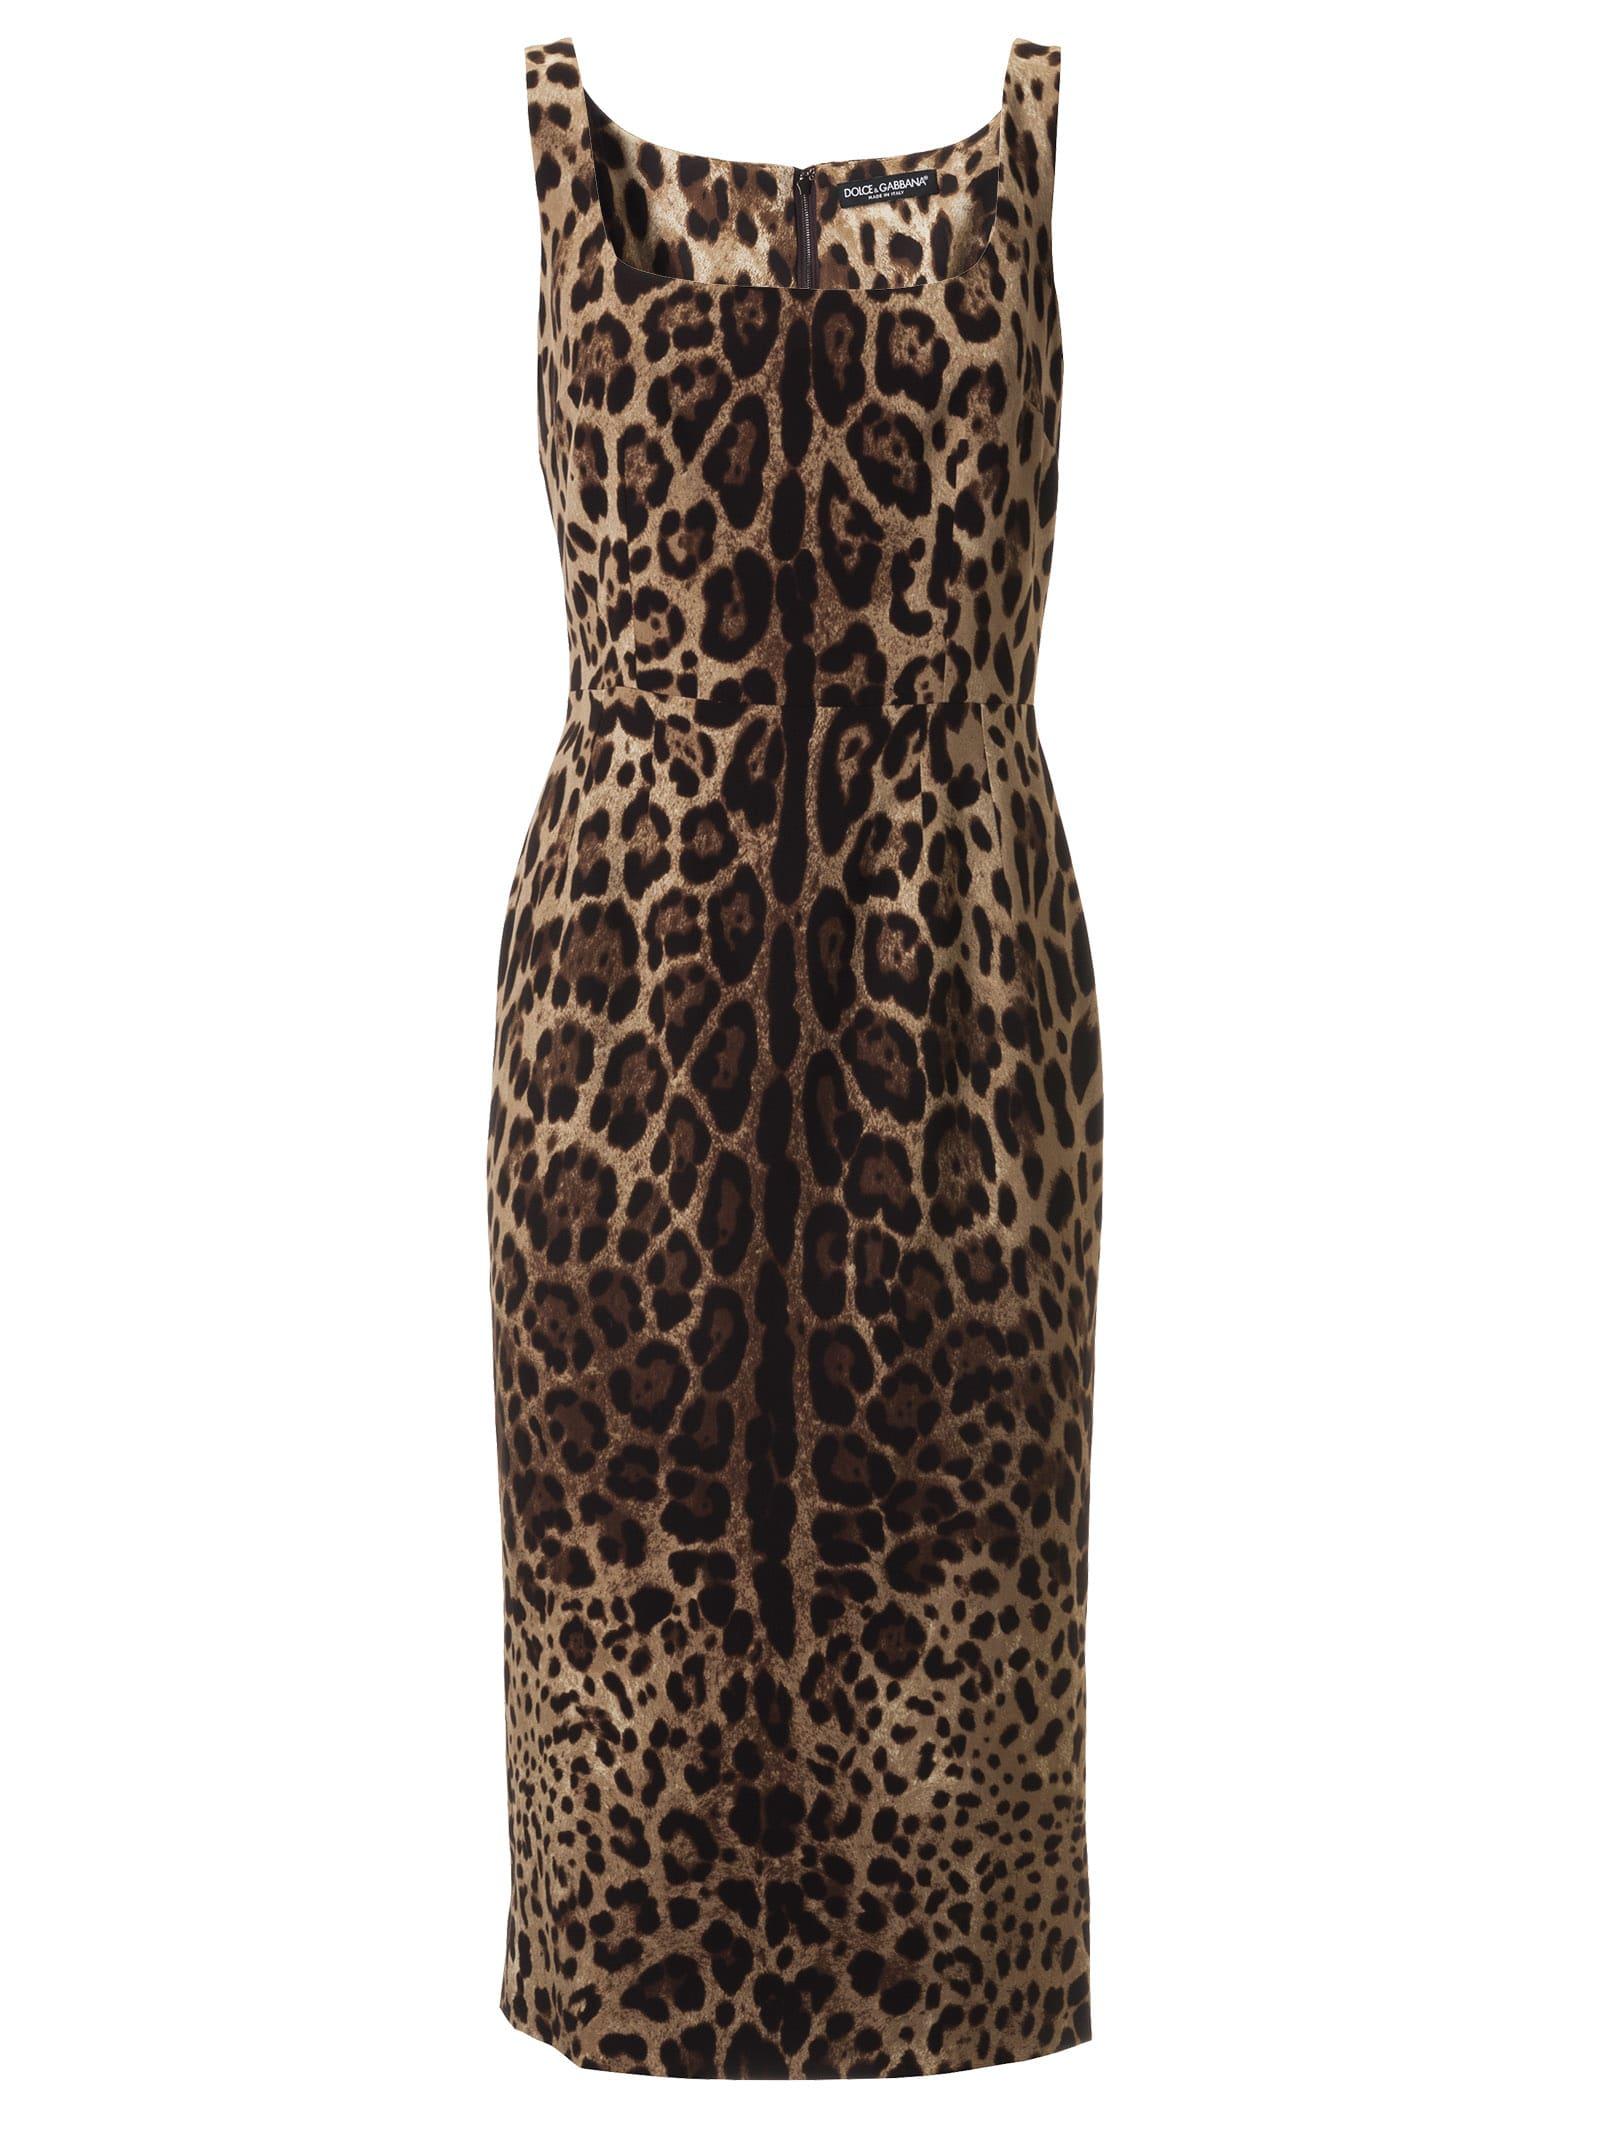 Dolce & Gabbana Leopard All-over Dress